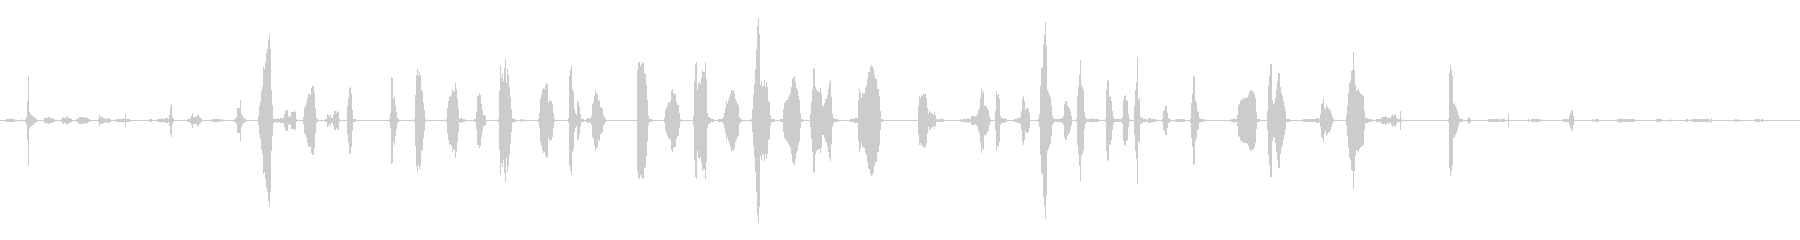 メタルスレッド:クイックラブメタル...の未再生の波形